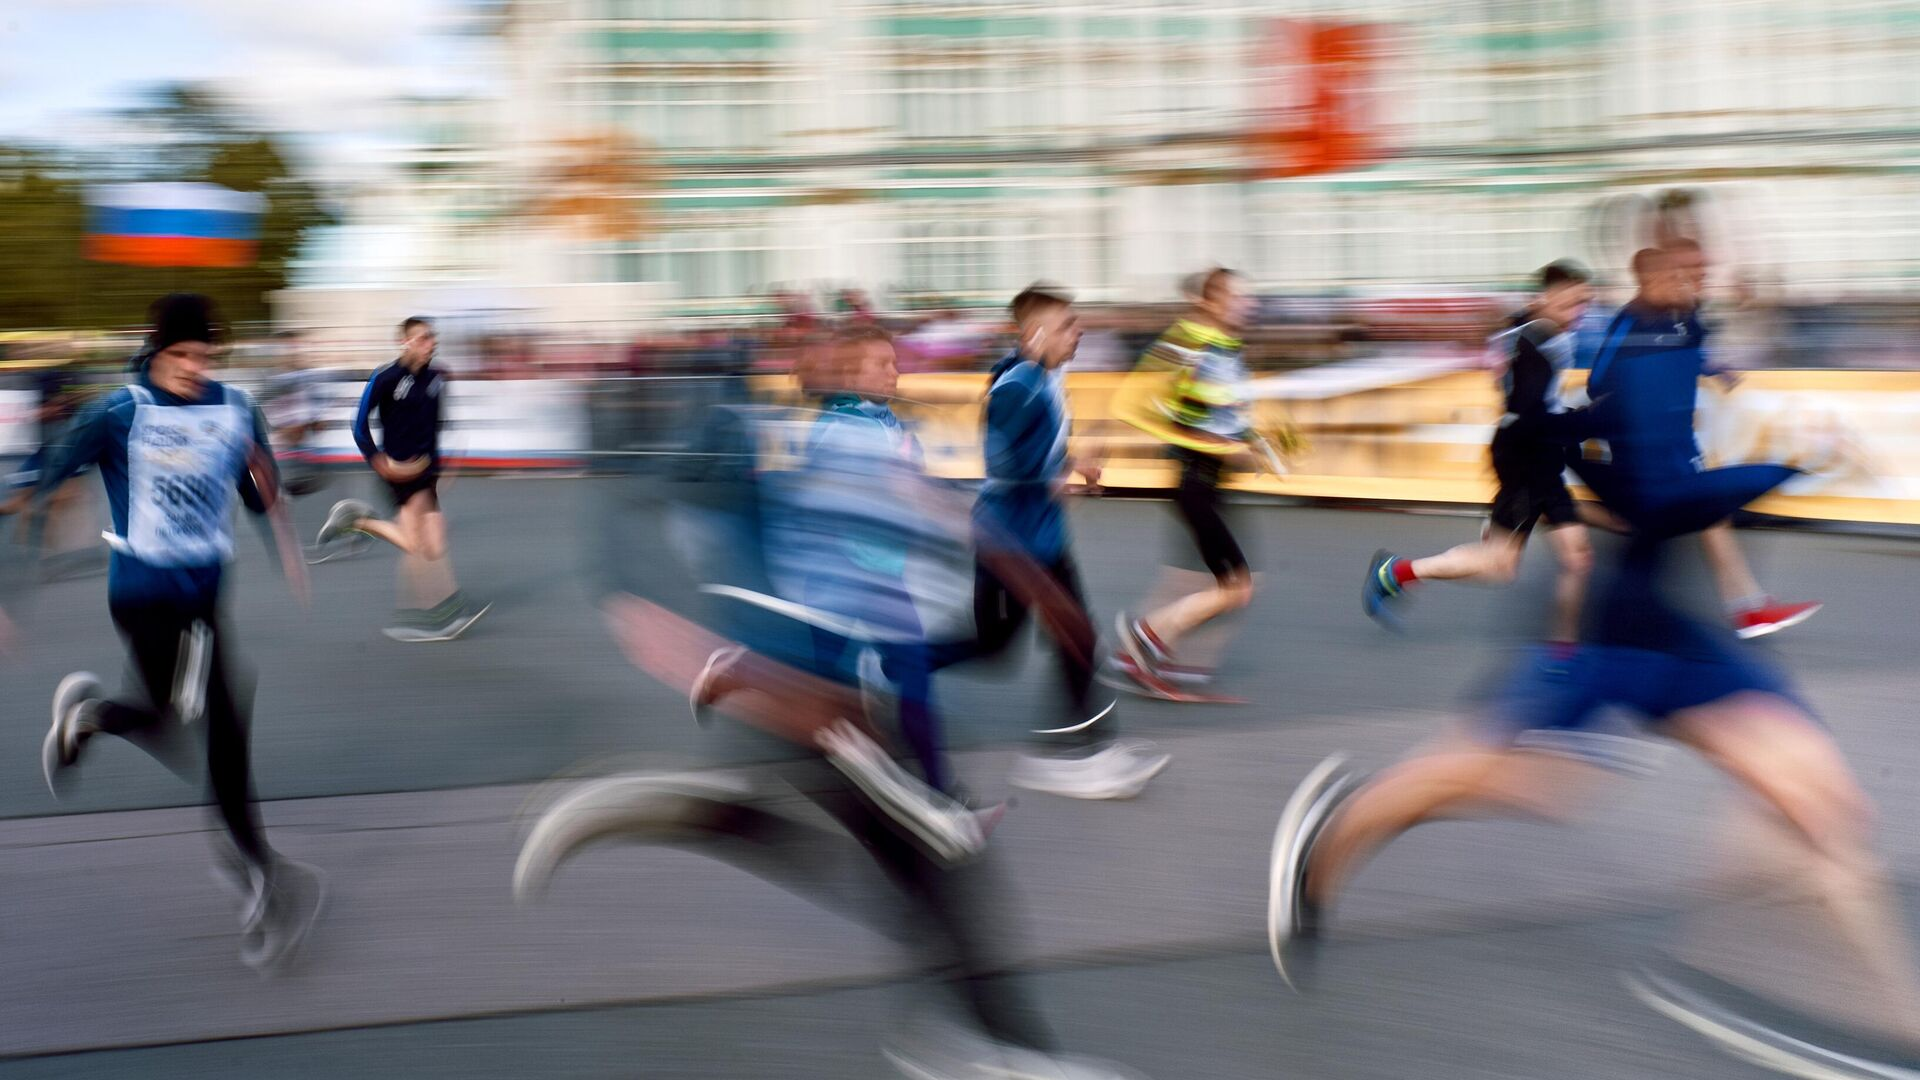 Участники забега в рамках Всероссийского дня бега Кросс Нации - 2020 на Дворцовой площади в Санкт-Петербурге - РИА Новости, 1920, 12.02.2021